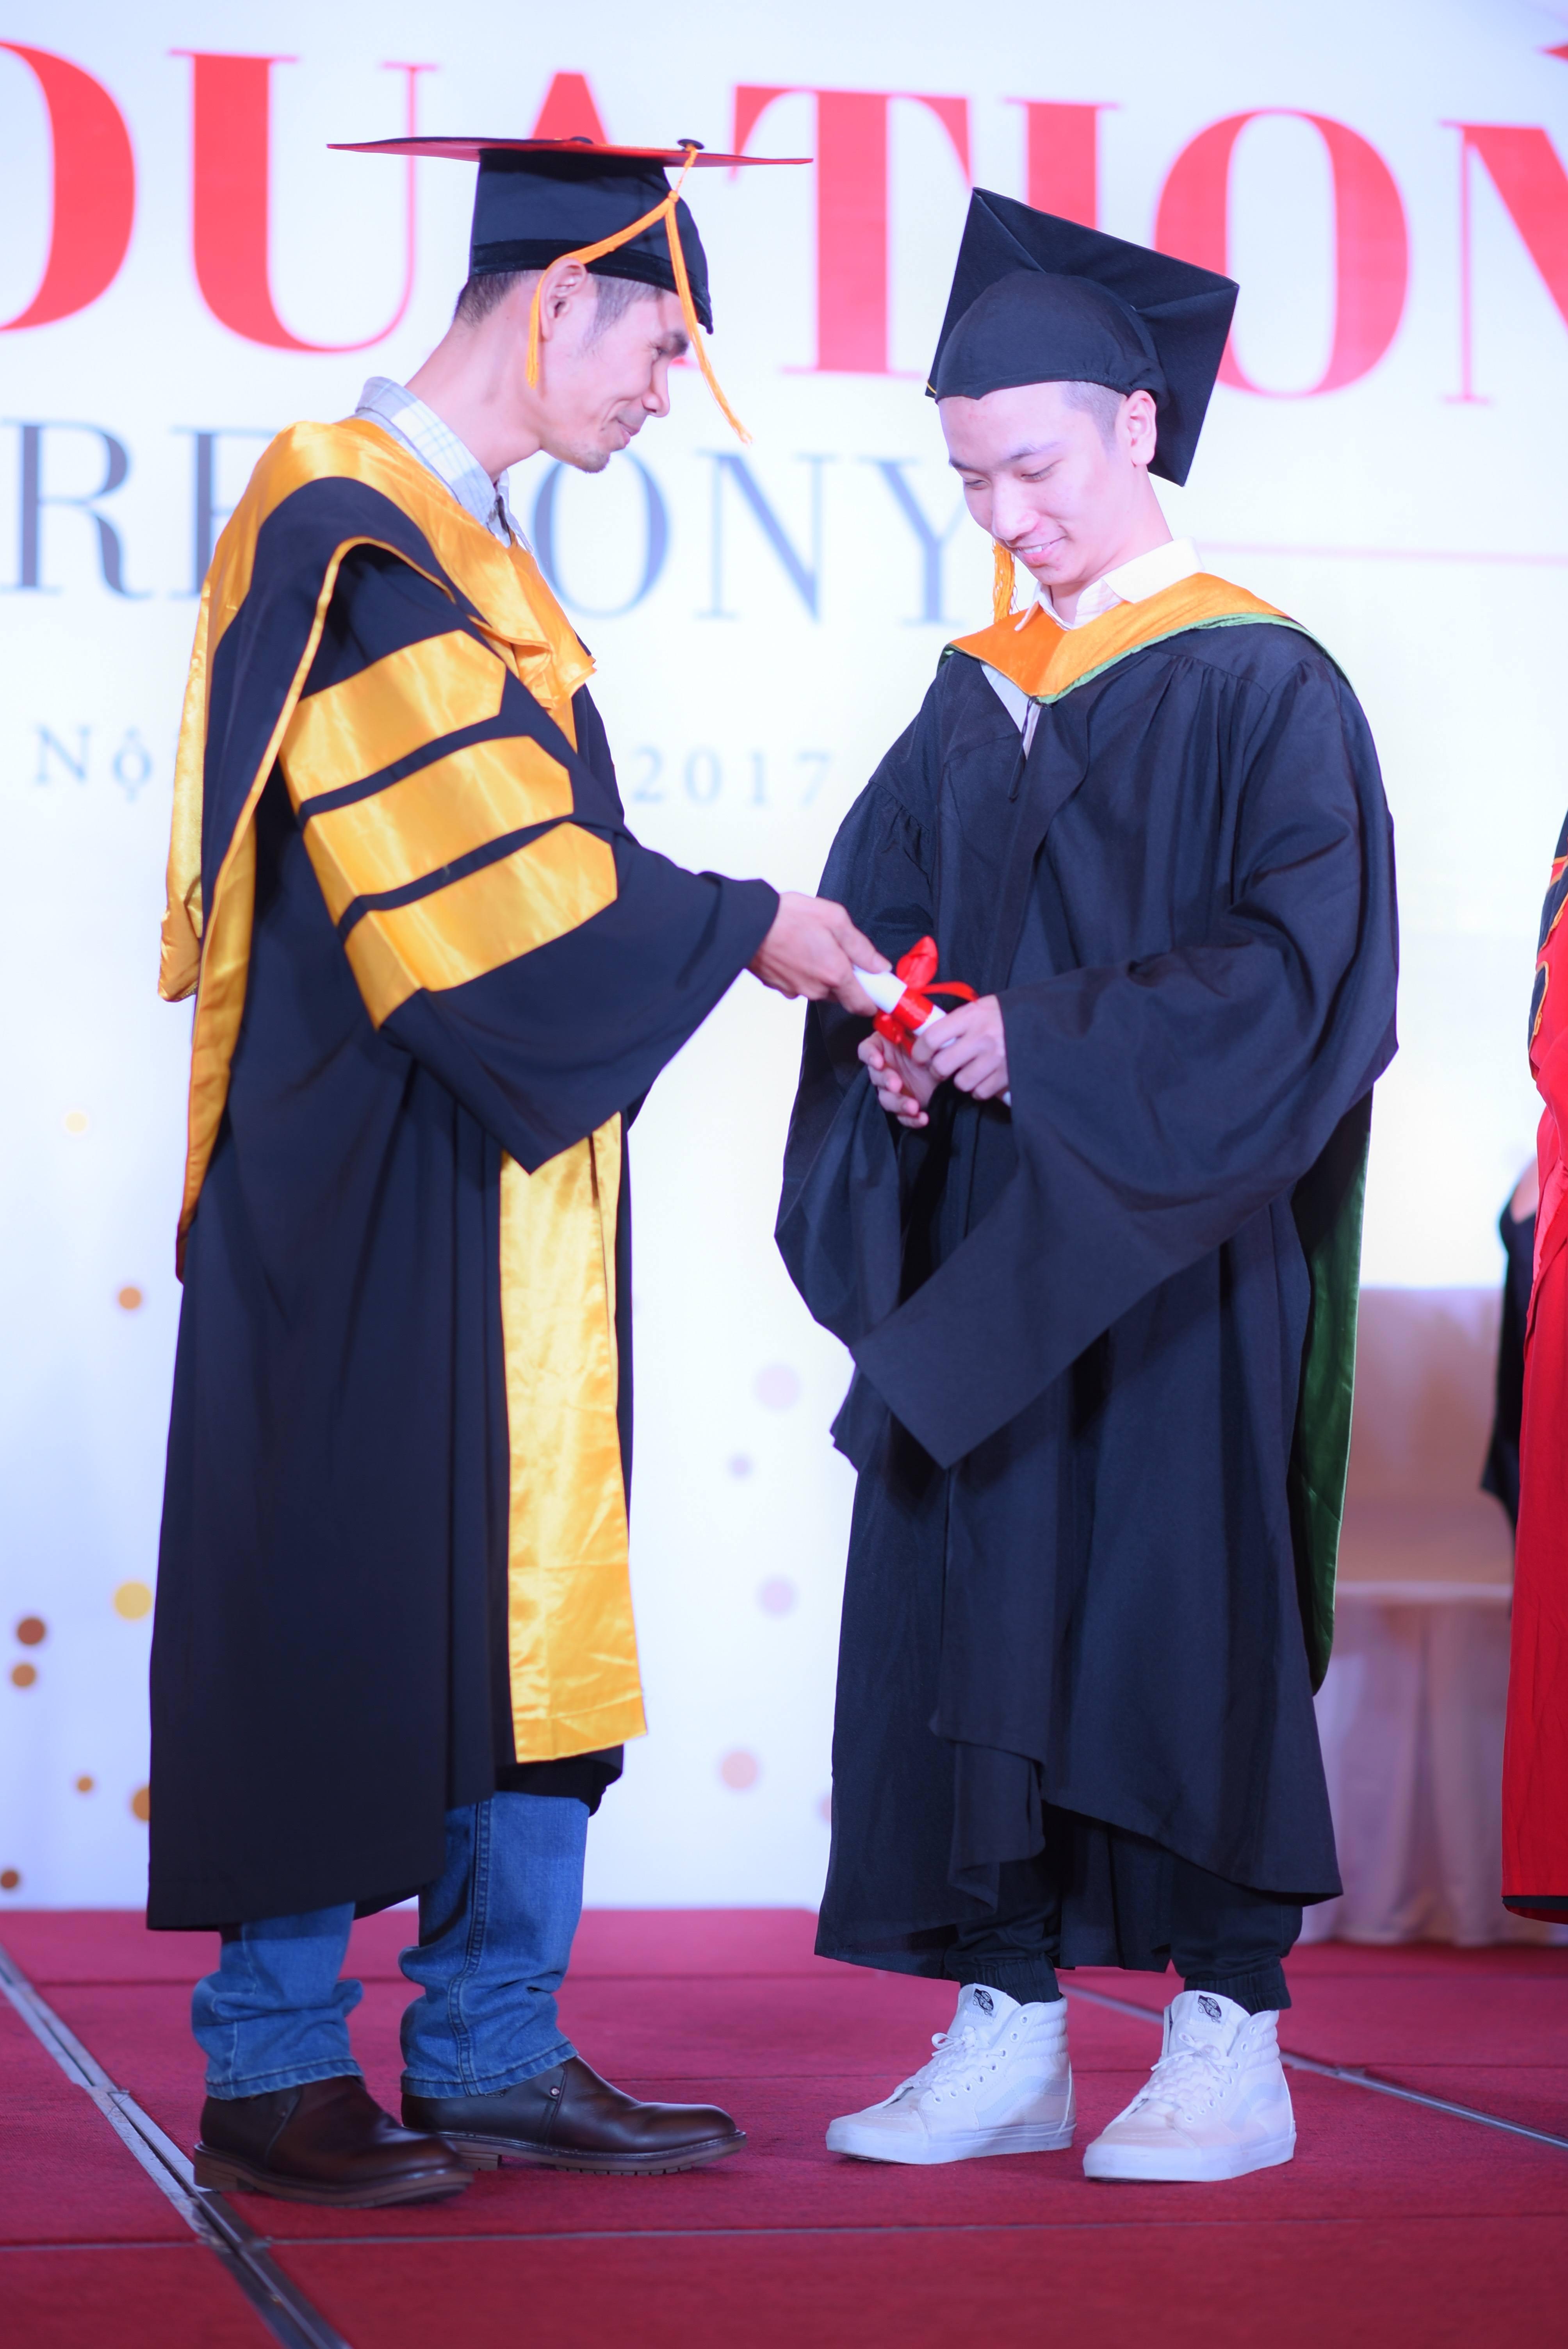 Nếu như cô Lê Thị Hồng Hạnh là người vắt dải mũ thì thầy Hà Dũng Hiệp là người thực hiện nghi thức trao bằng cho các sinh viên.